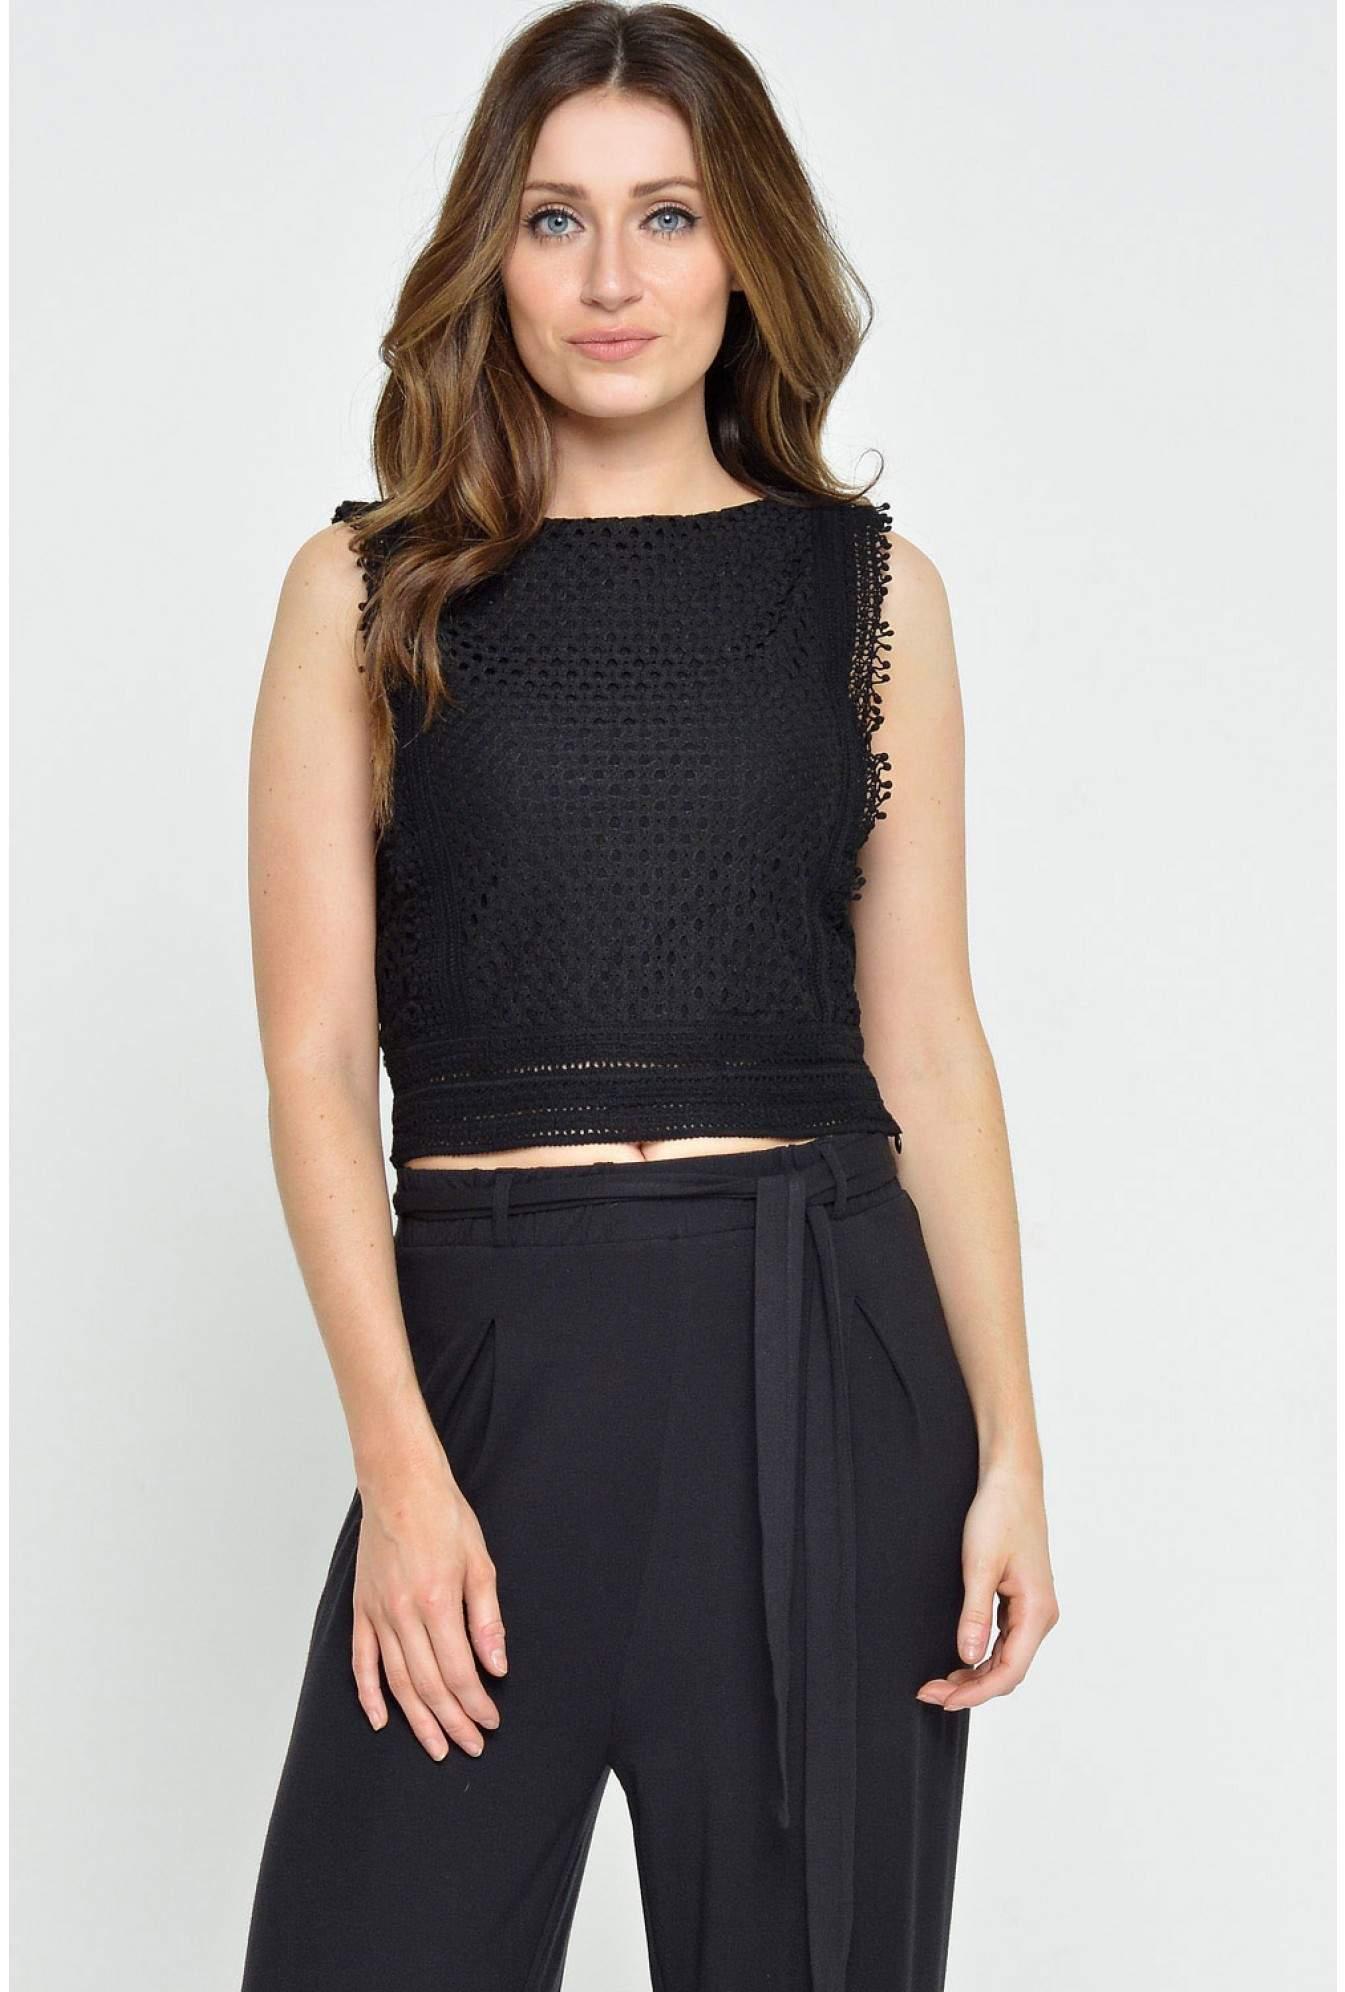 c5bbebededd Lacey Crochet Crop Top in Black